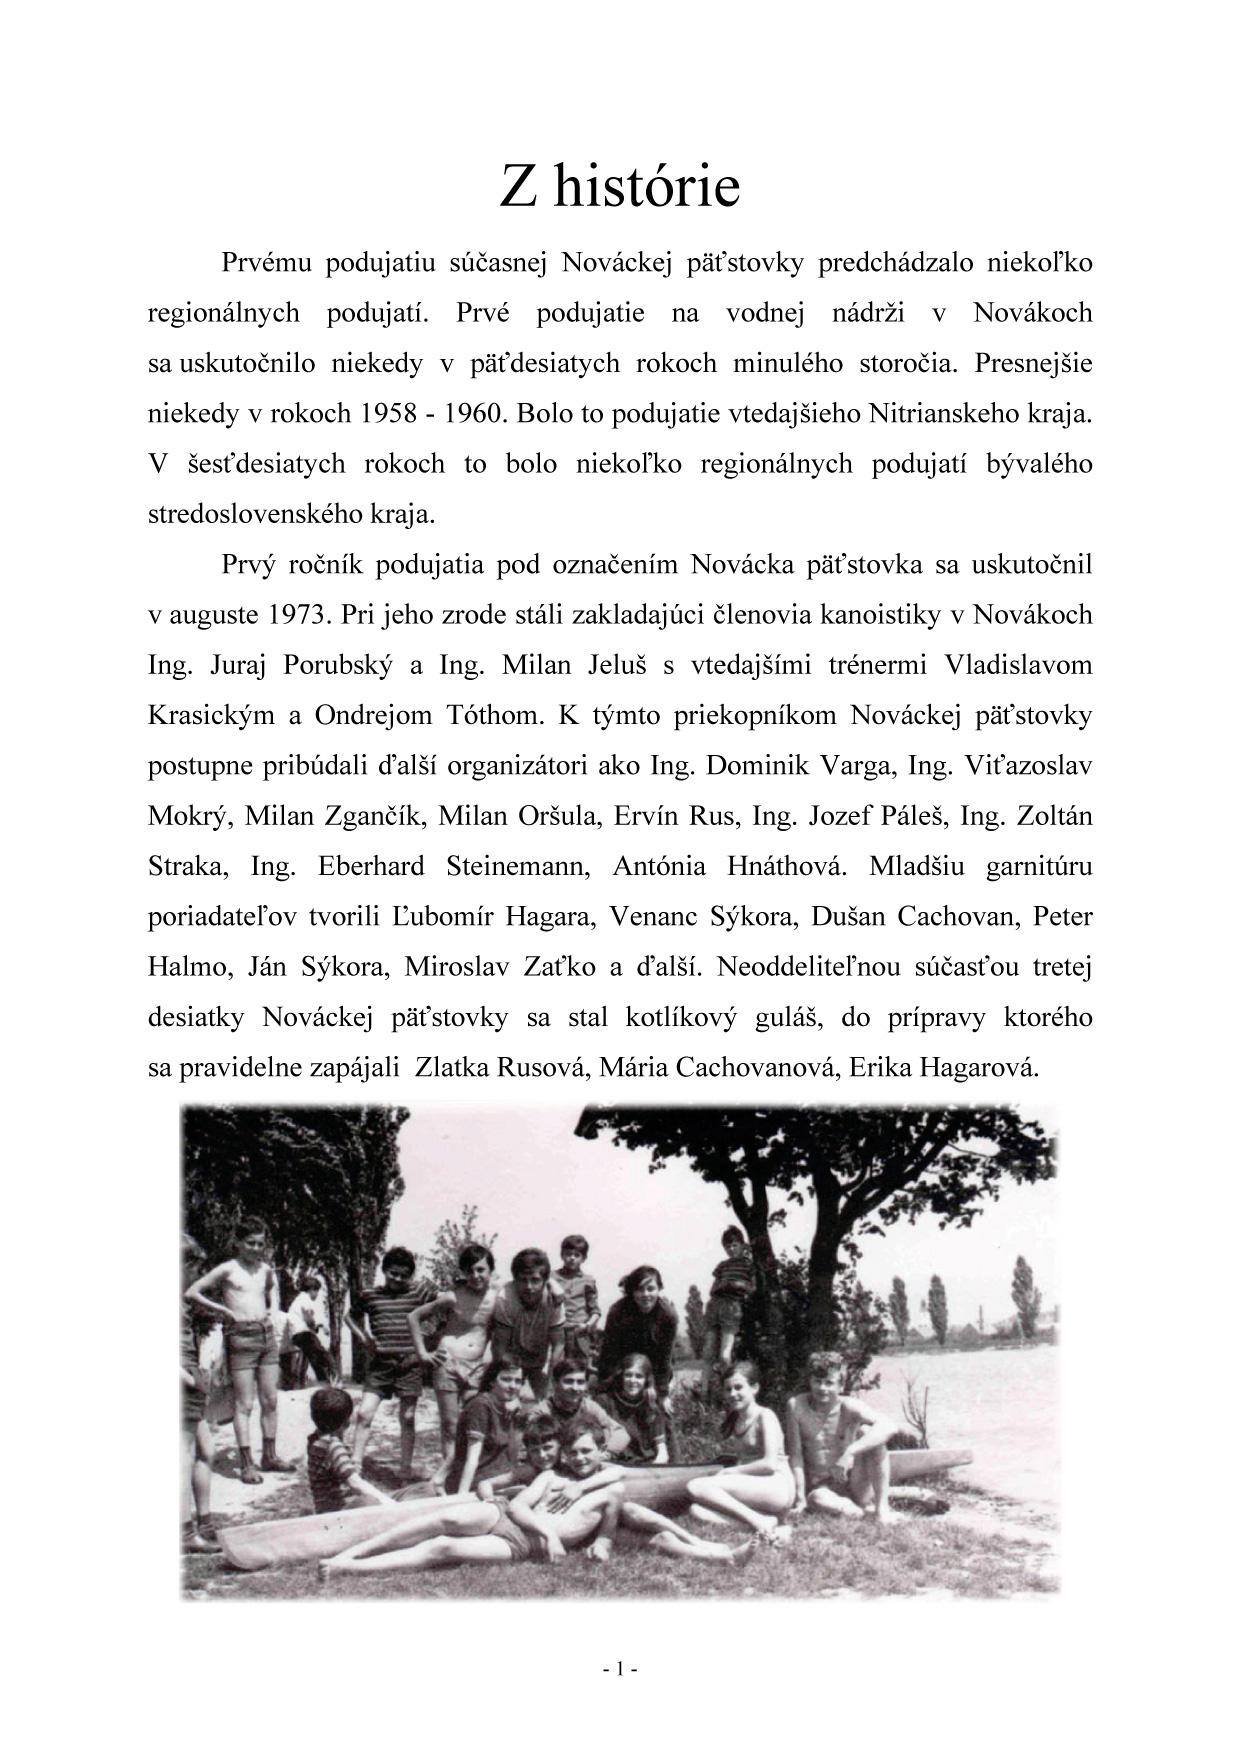 Bulletin pri príležitosti 40. ročník Nováckej päťstovky, strana 3